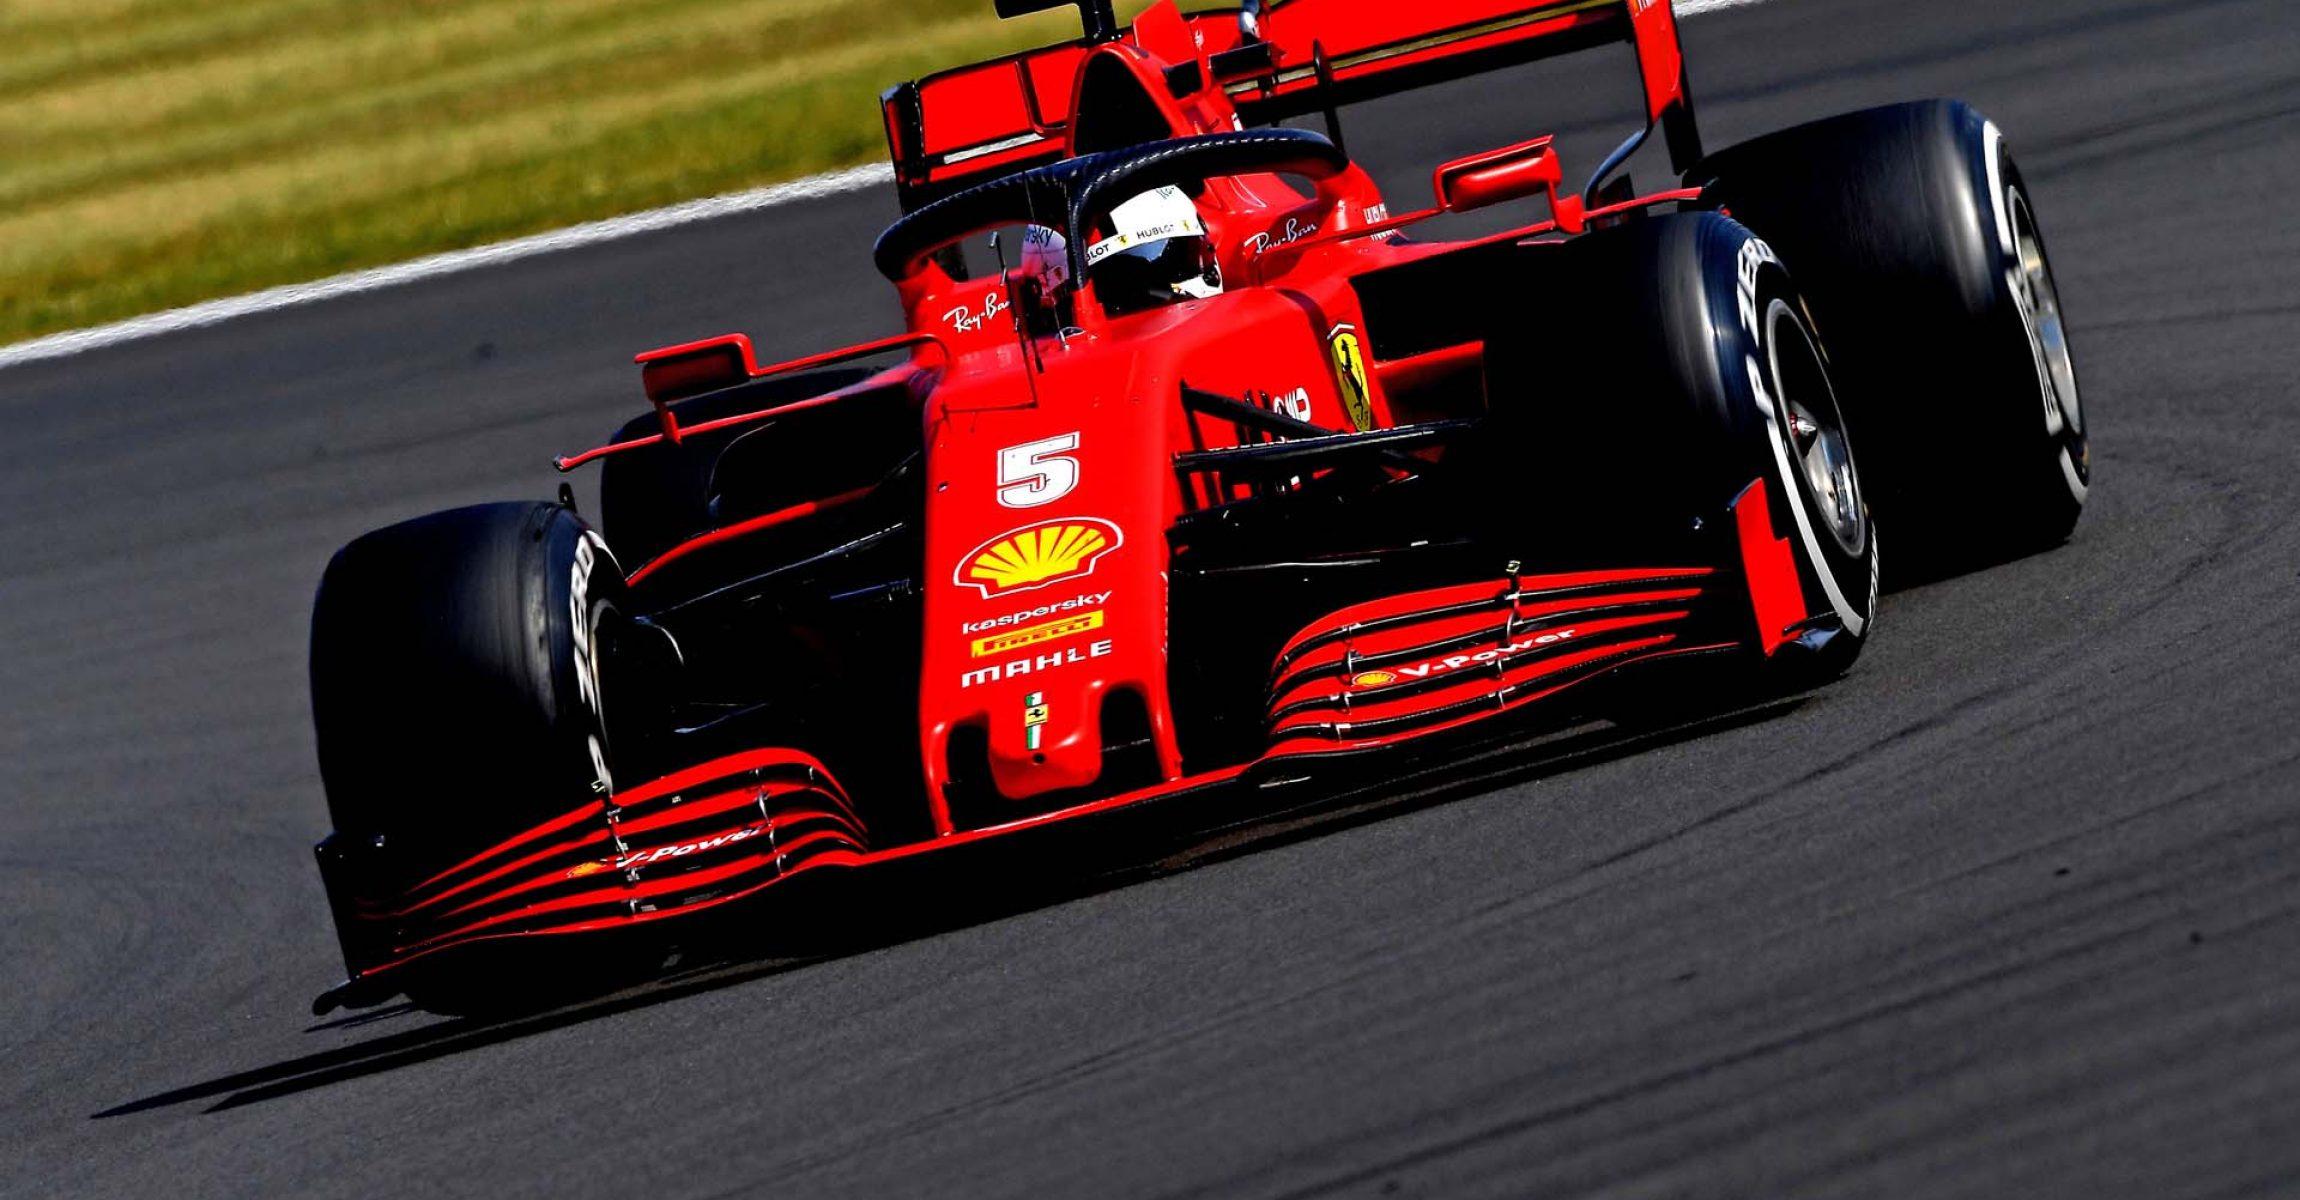 GP 70MO ANNIVERSARIO  F1/2020 -  DOMENICA 09/08/2020  credit: @Scuderia Ferrari Press Office Sebastian Vettel